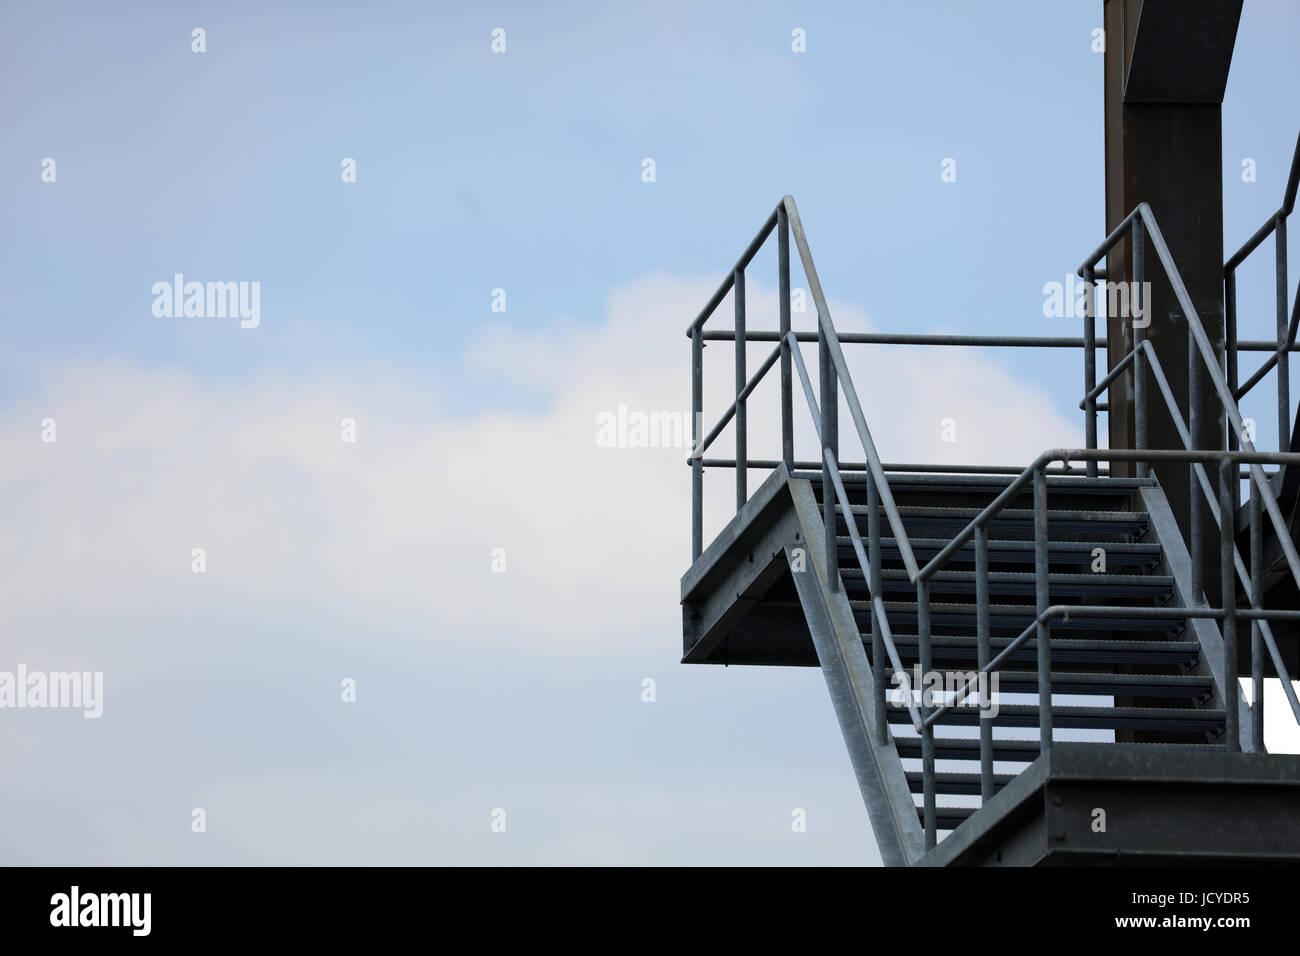 Fluchttreppe Fluchtweg - Stock Image